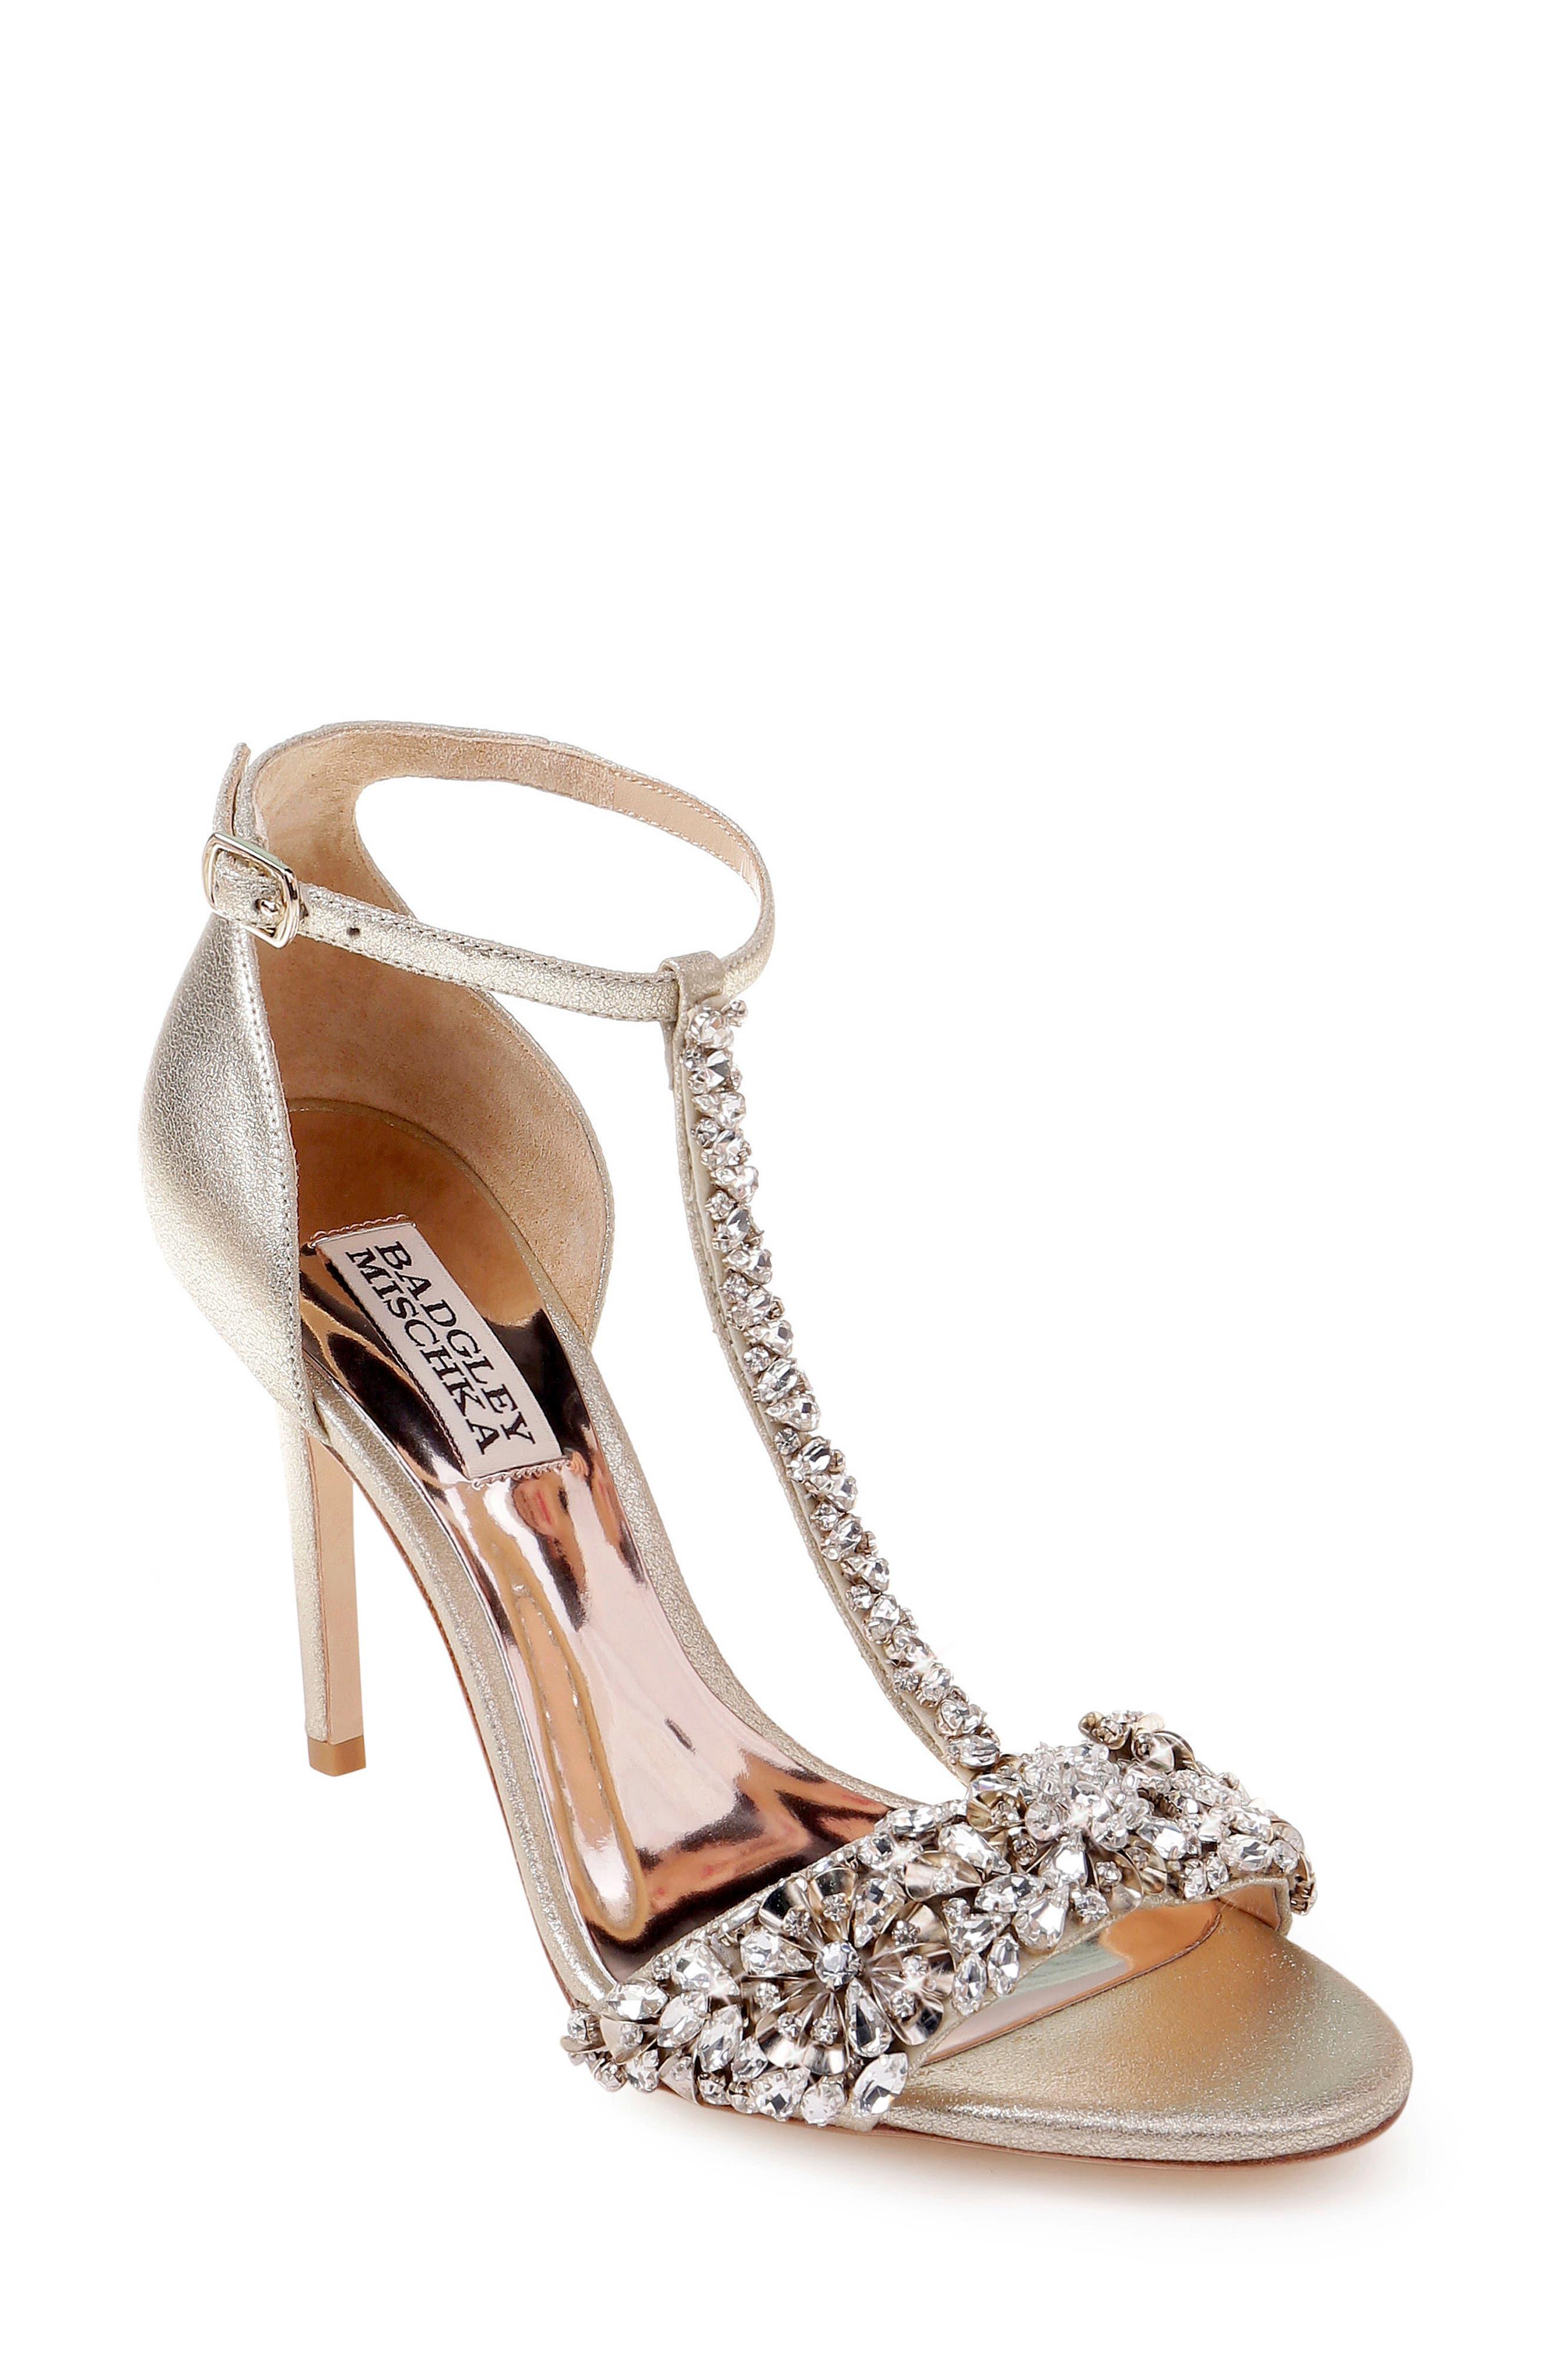 60b424eda6af Badgley Mischka Crystal Embellished Sandal